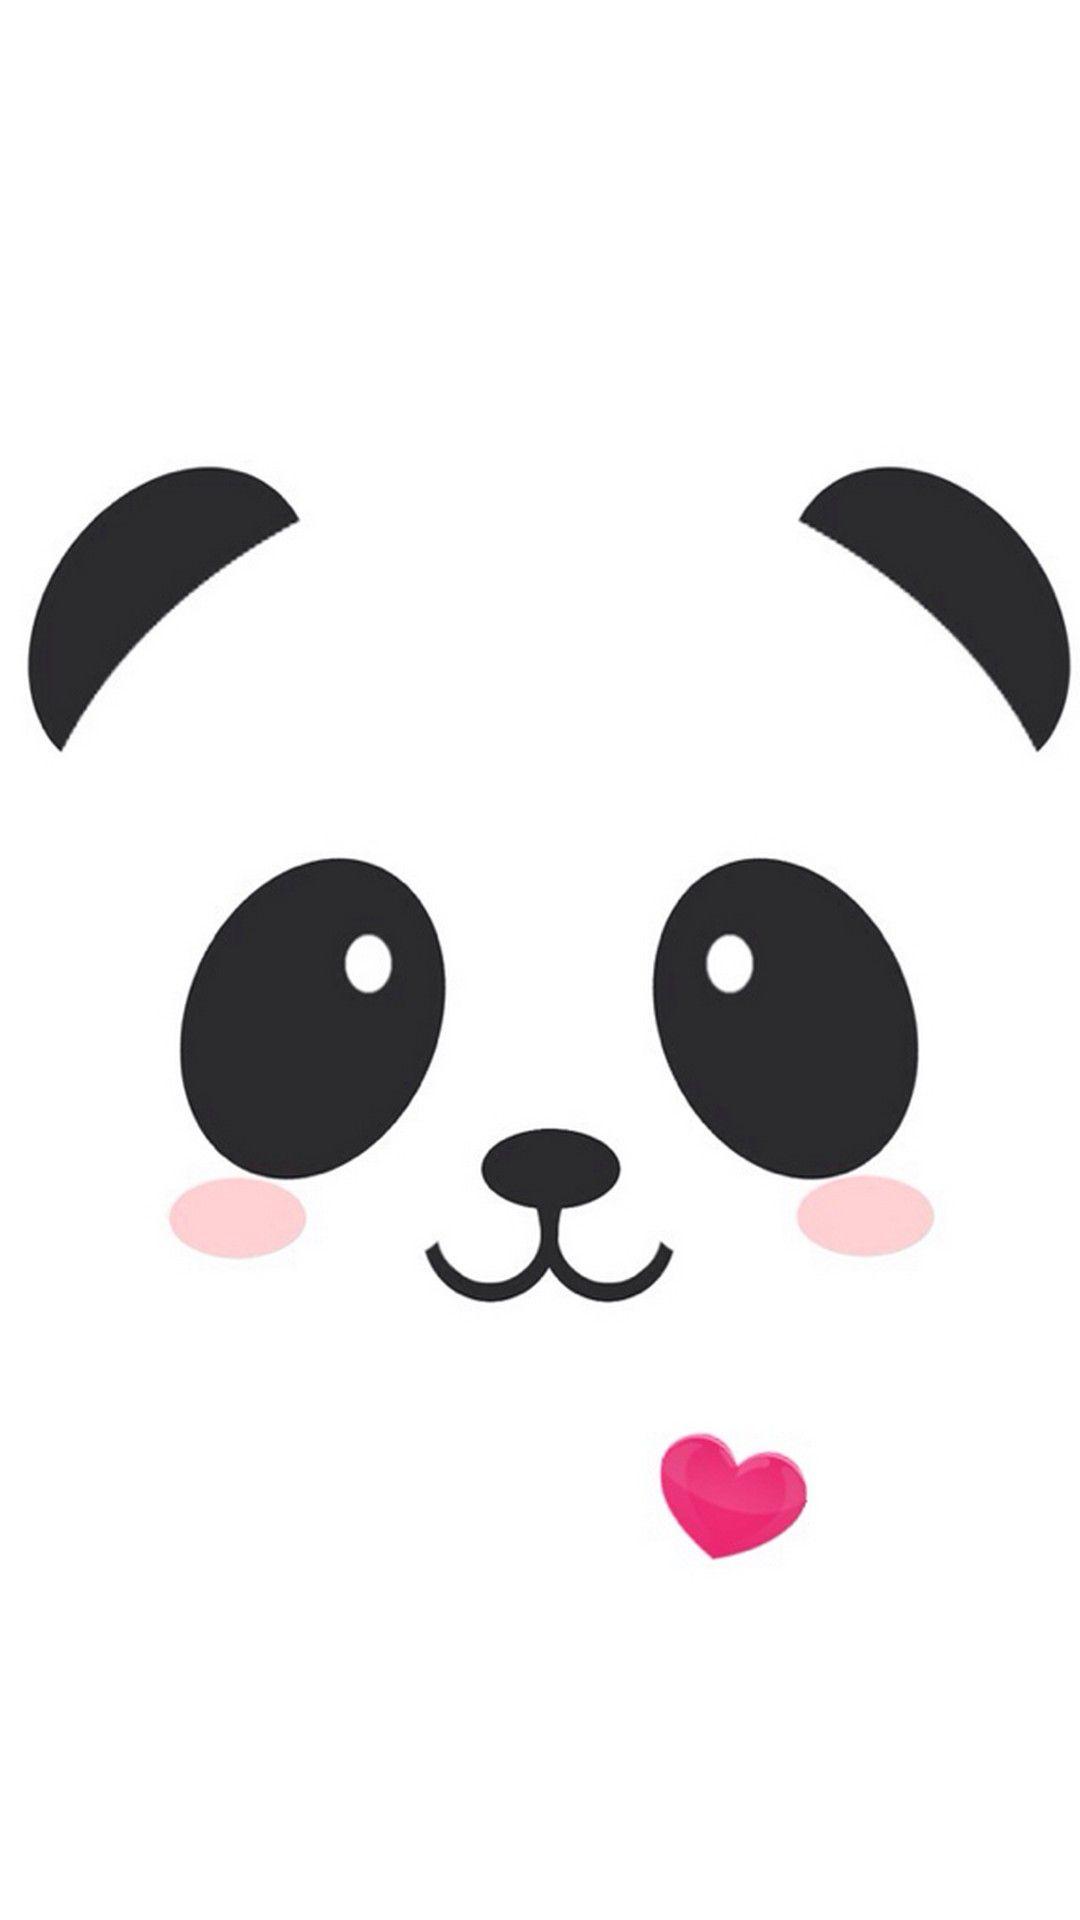 Iphone Cute Face Panda Wallpaper Best Iphone Wallpaper Panda Wallpapers Kawaii Wallpaper Cute Wallpapers